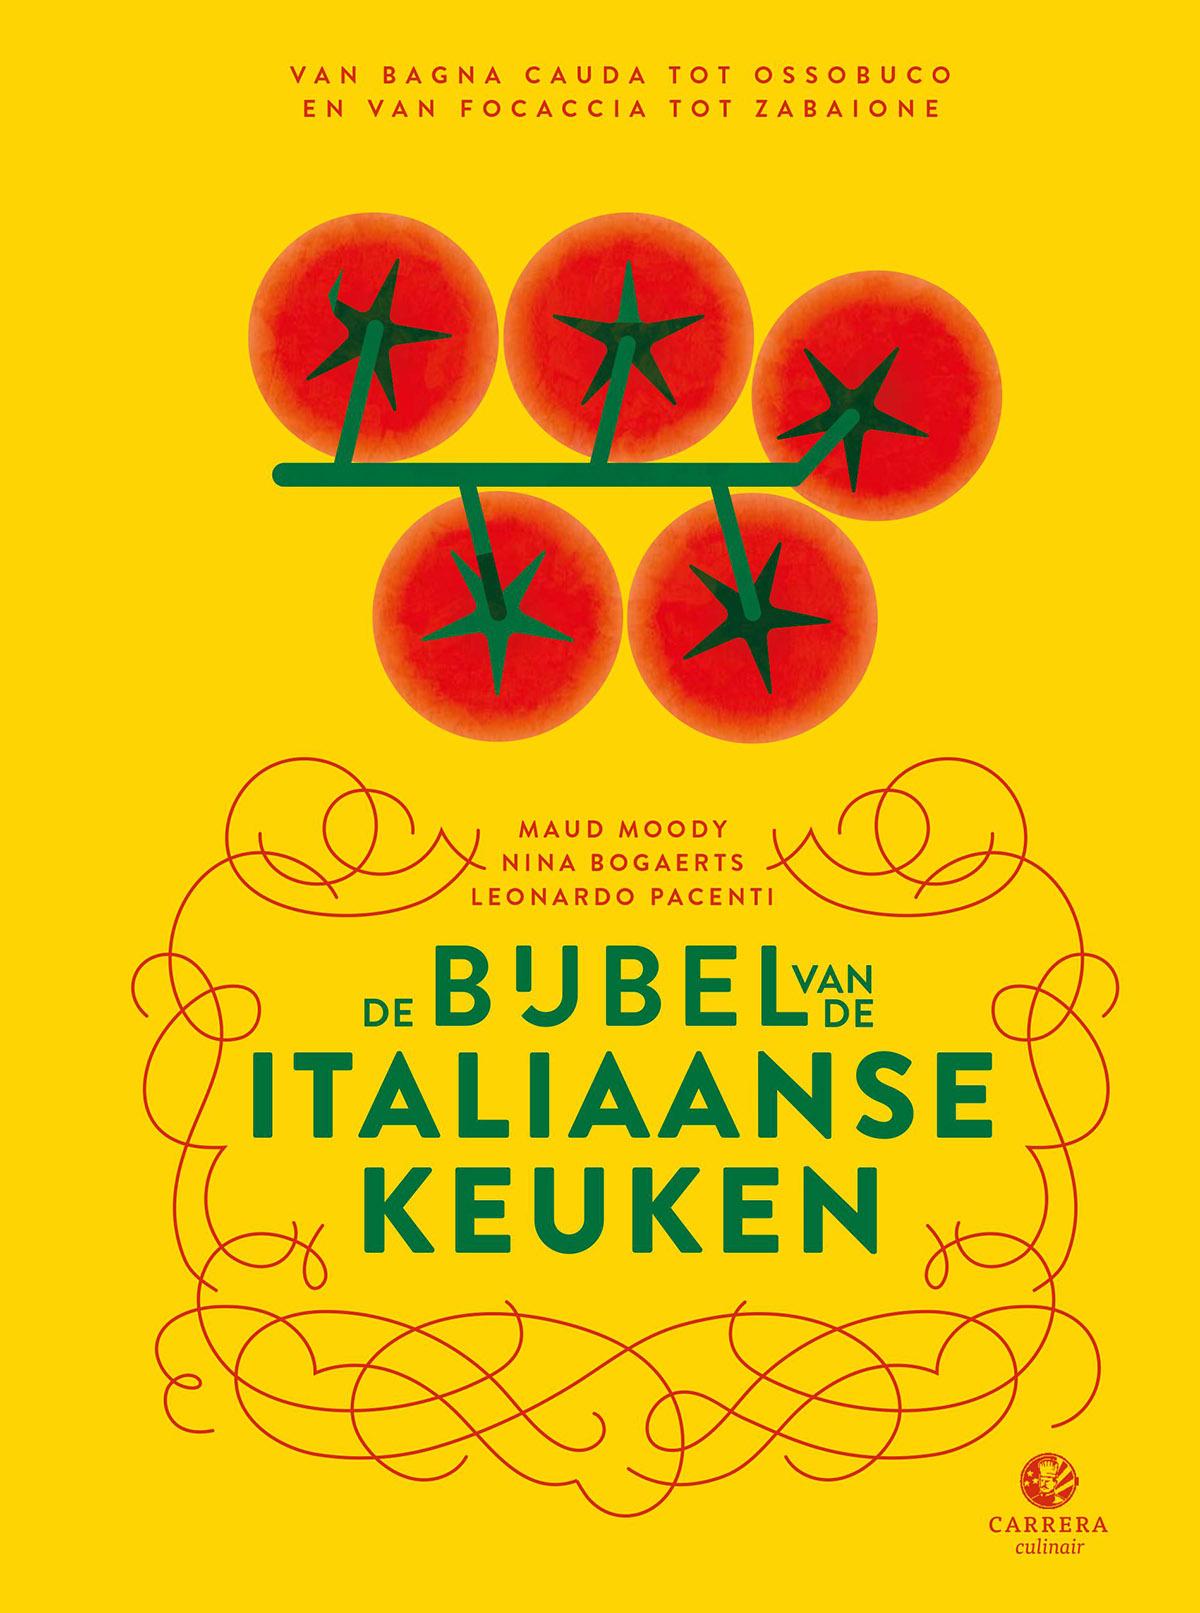 Bijbel van de Italiaanse keuken